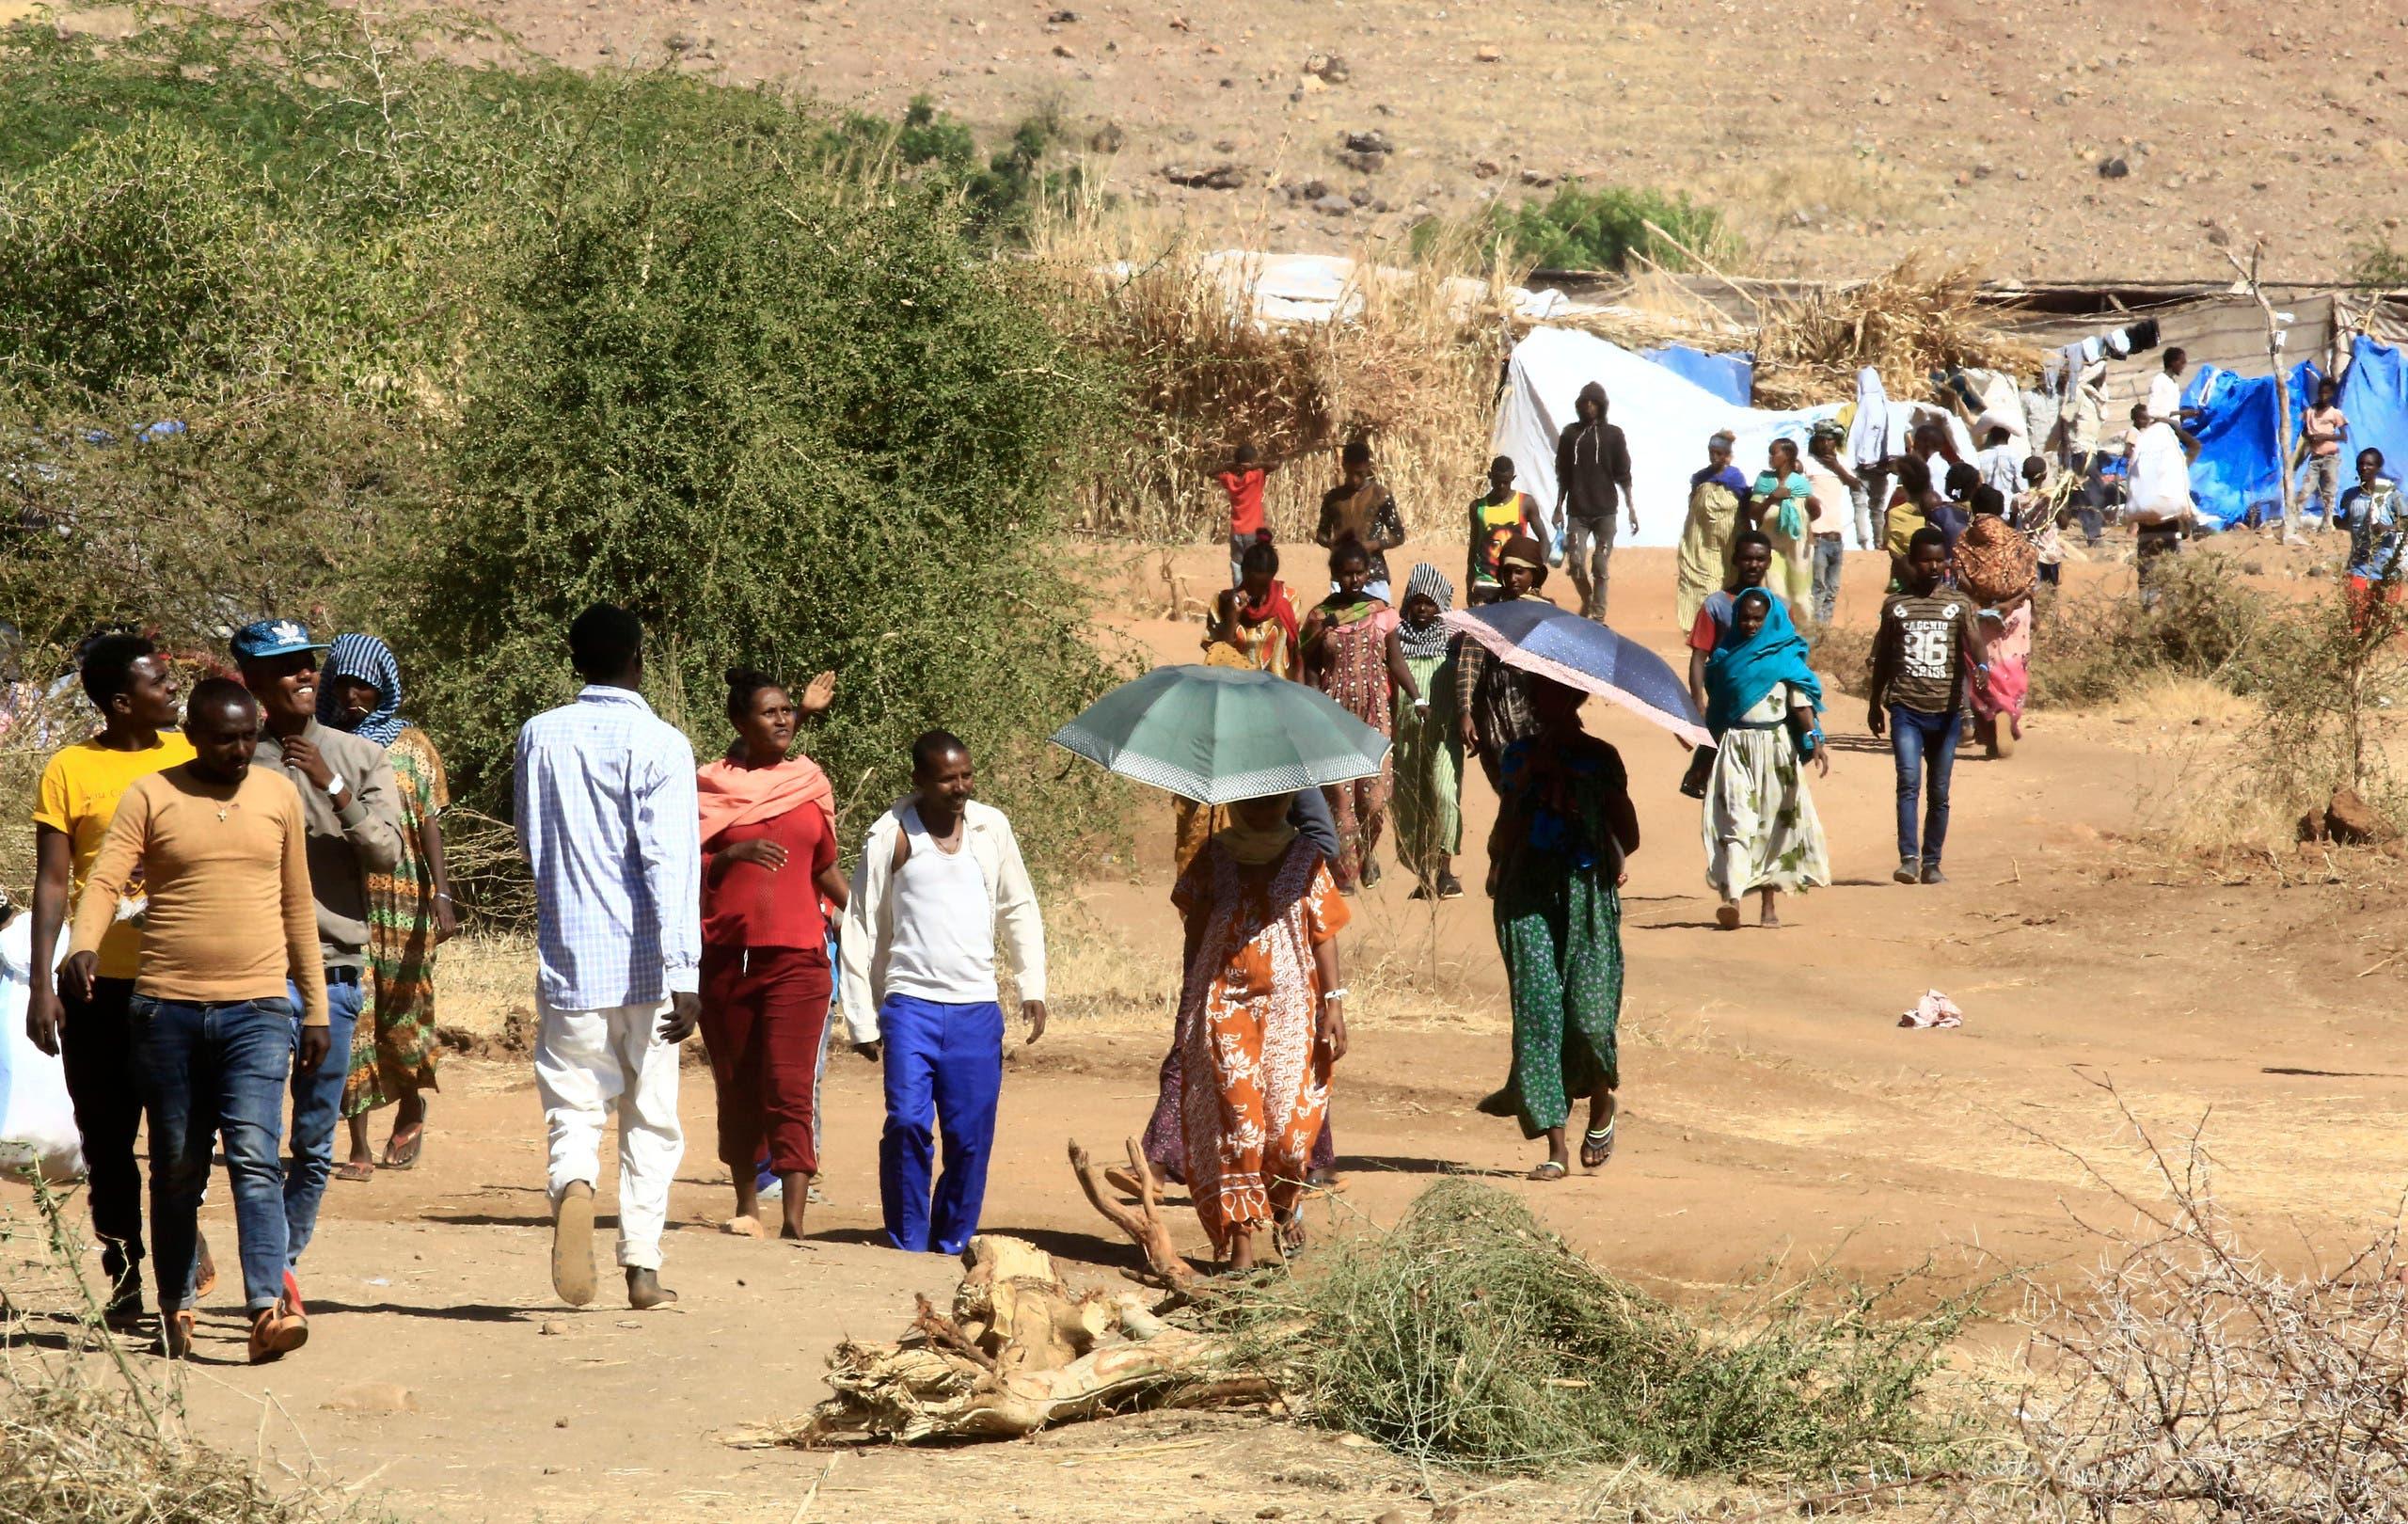 لاجئون إثيوبيون بمخيم أم راكوبا في ولاية القضارف شرق السودان يوم 30 نوفمبر